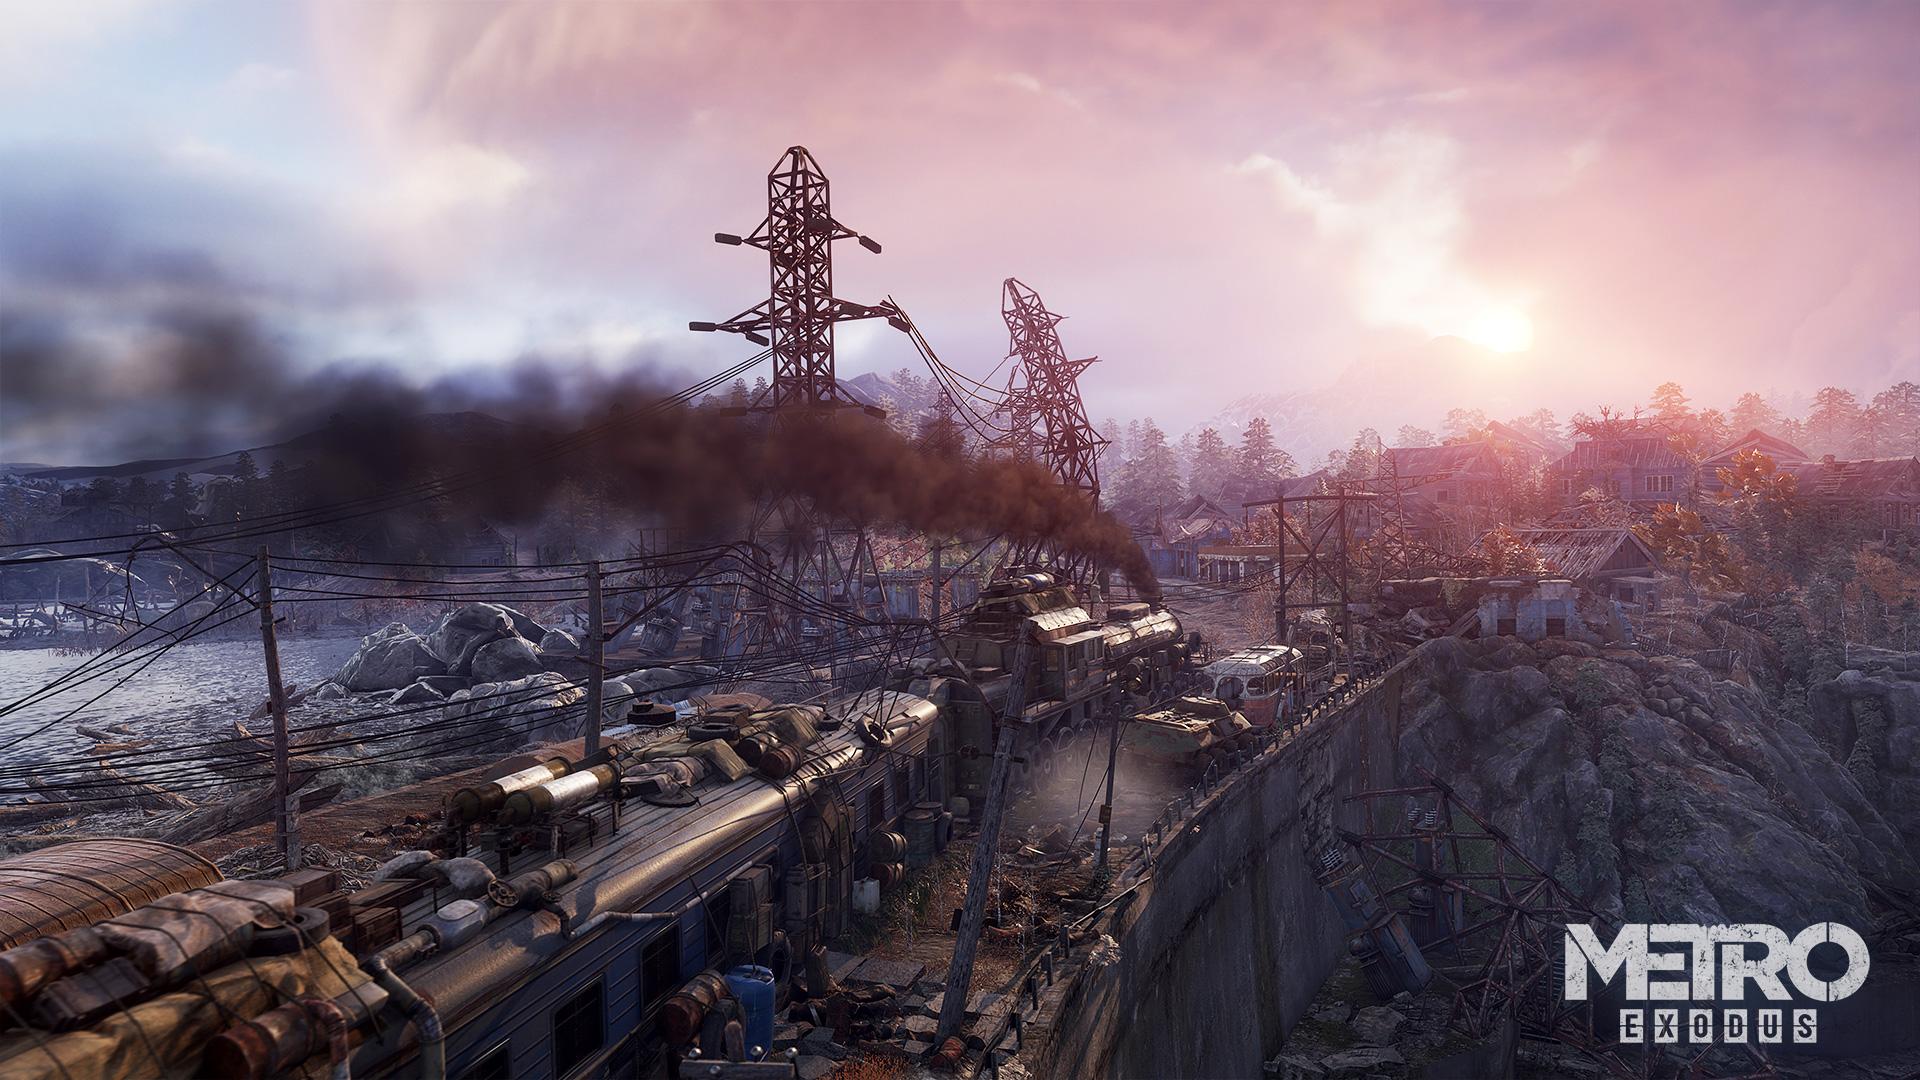 В Metro Exodus будет огромная карта, реалистичный стелс и много врагов